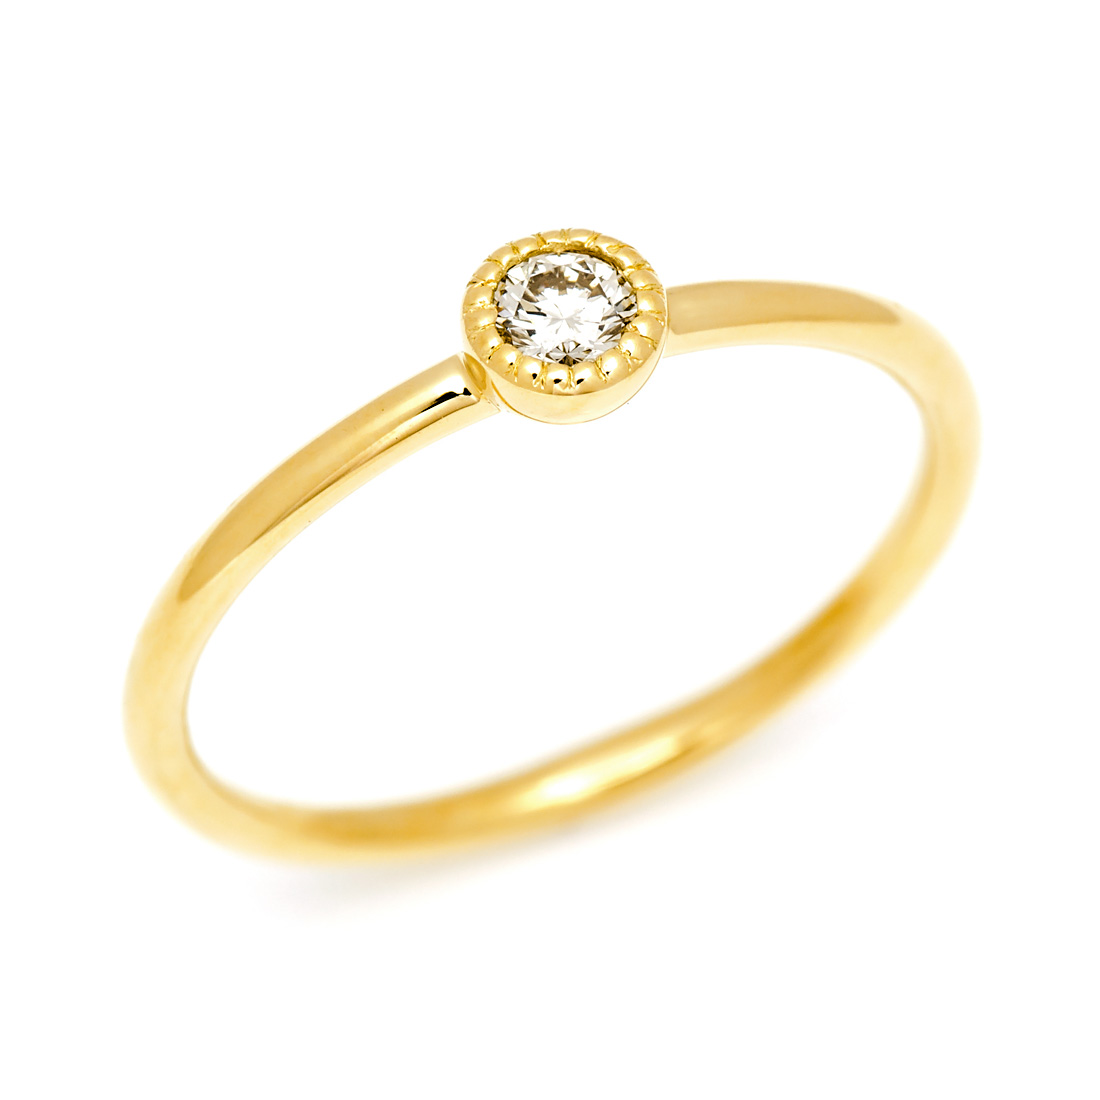 【GWクーポン配布中】K18 ダイヤモンド 0.1ct リング 「pupo」送料無料 指輪 ダイアモンド ゴールド 18K 18金 ミル打ち マット サティーナ 艶消し 誕生日 4月誕生石 刻印 文字入れ メッセージ ギフト 贈り物 ピンキーリング対応可能